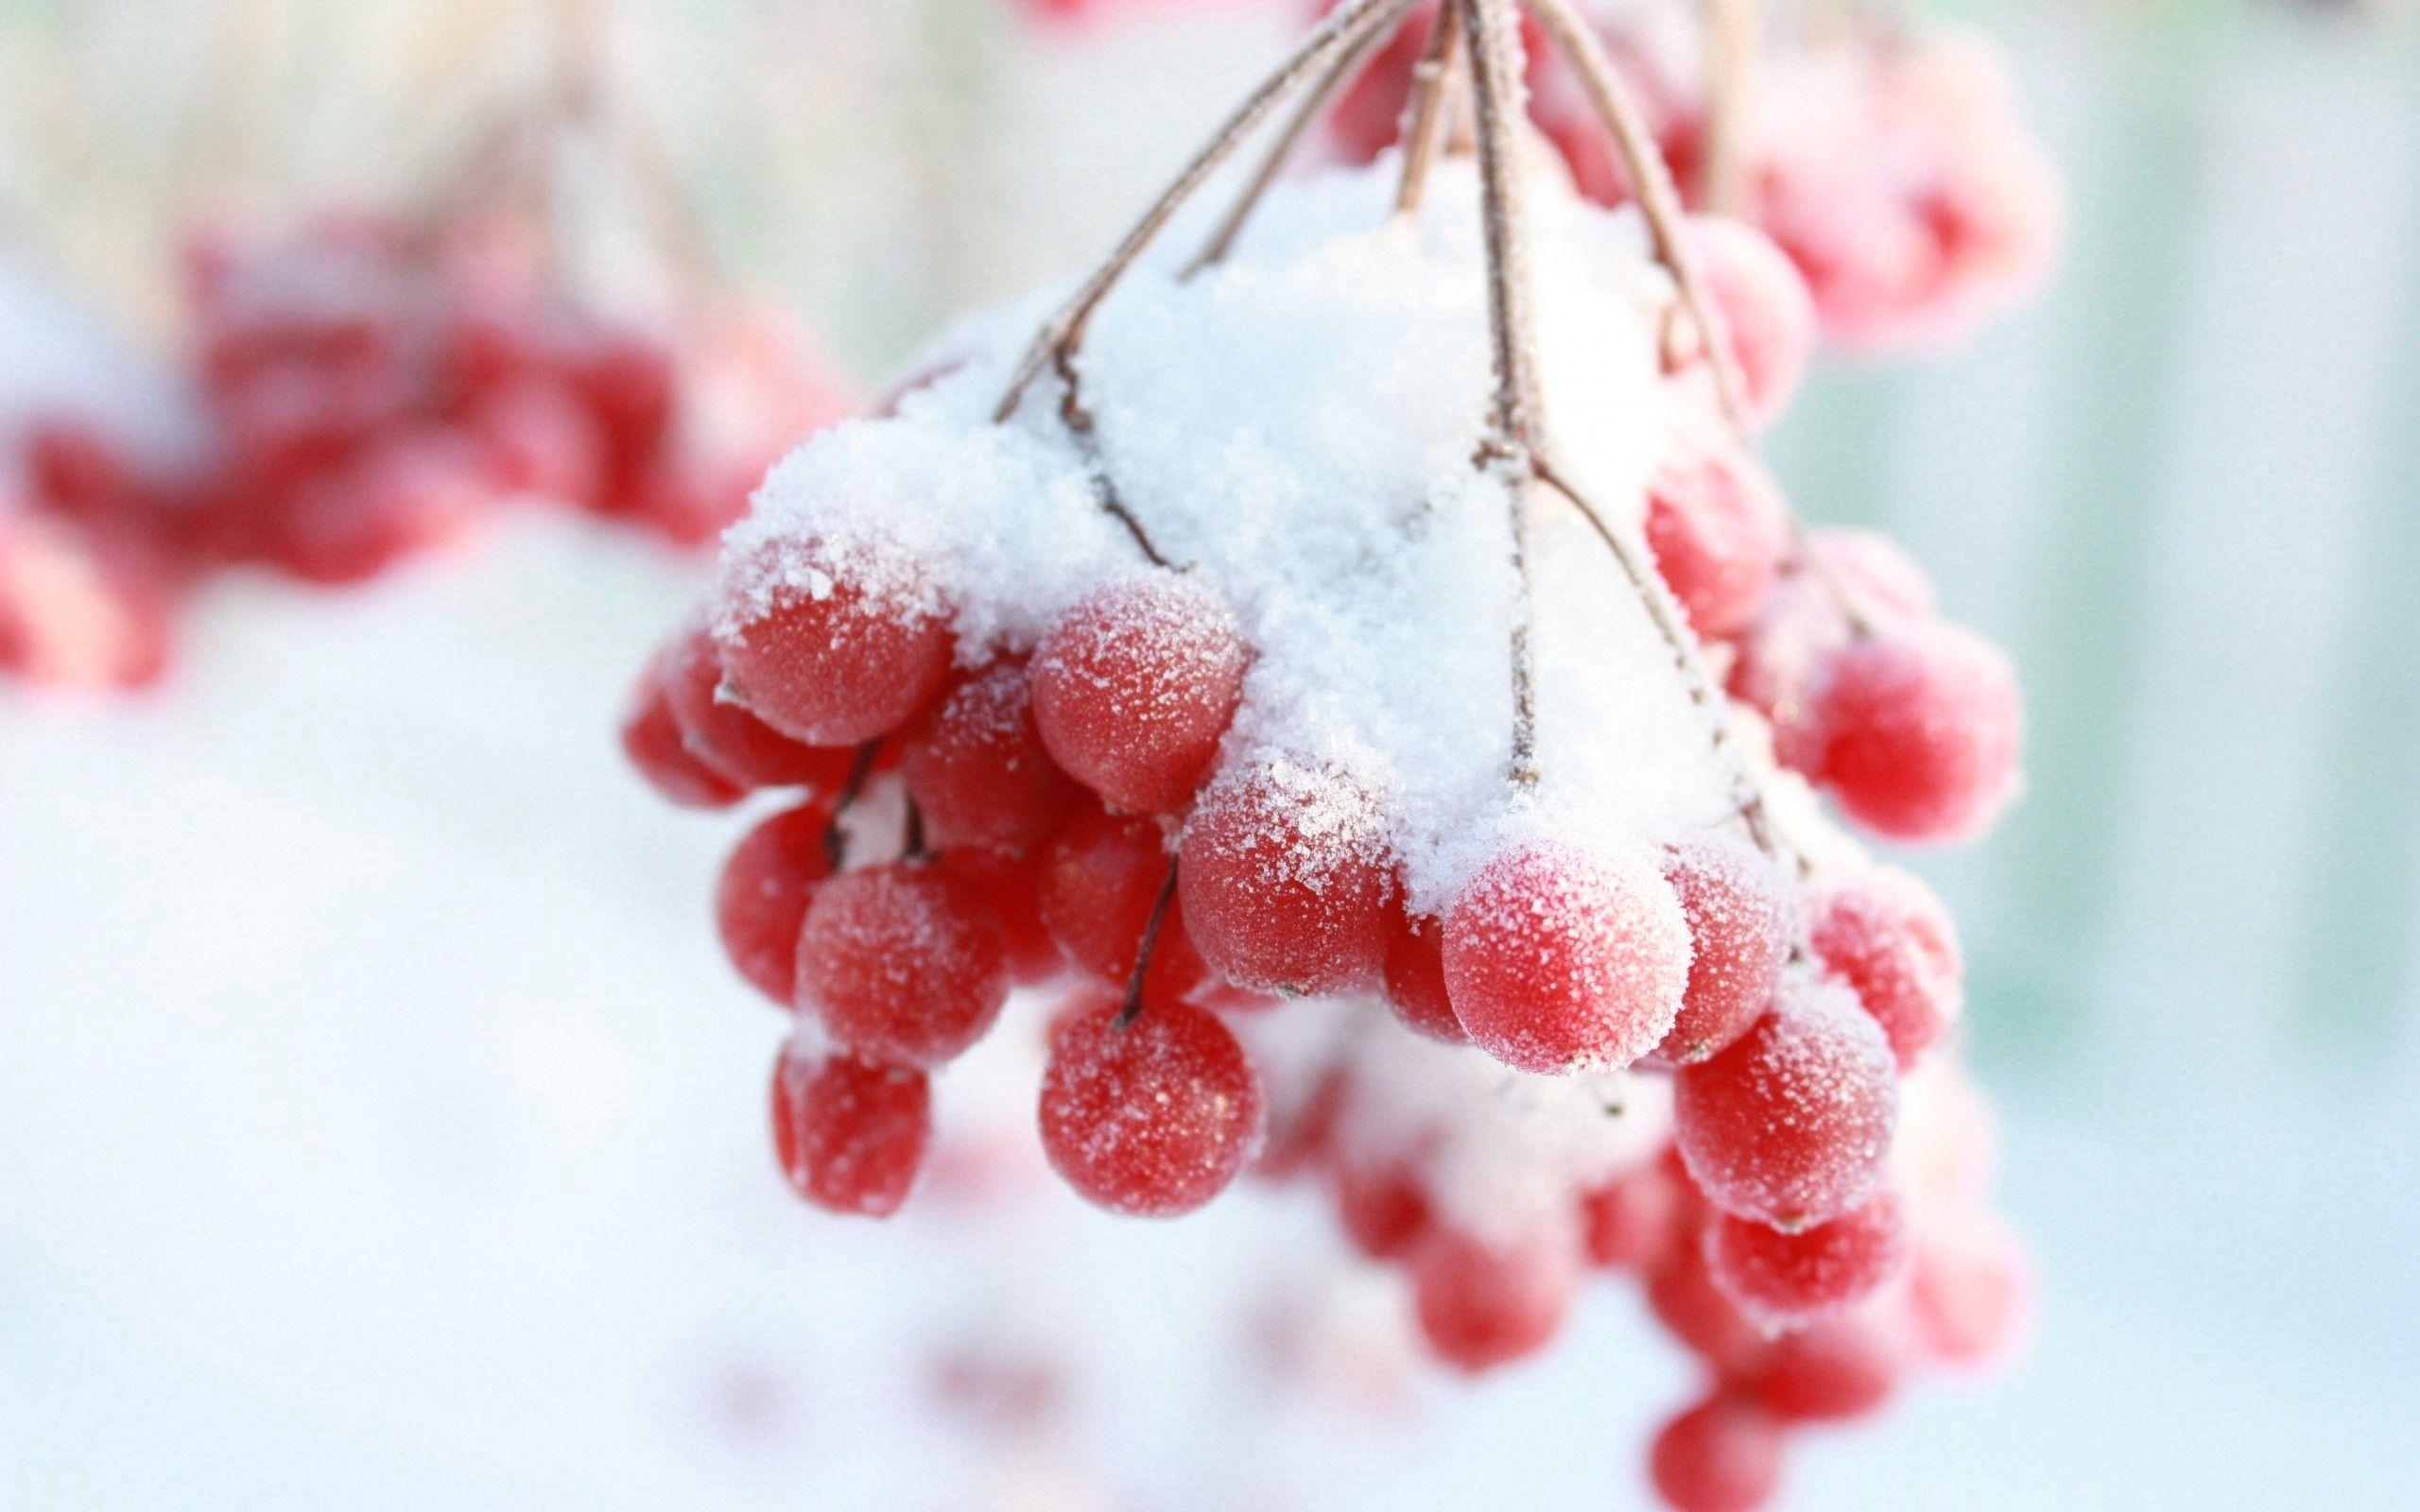 54255 скачать обои Рябина, Зима, Снег, Макро, Ветка, Ягода - заставки и картинки бесплатно